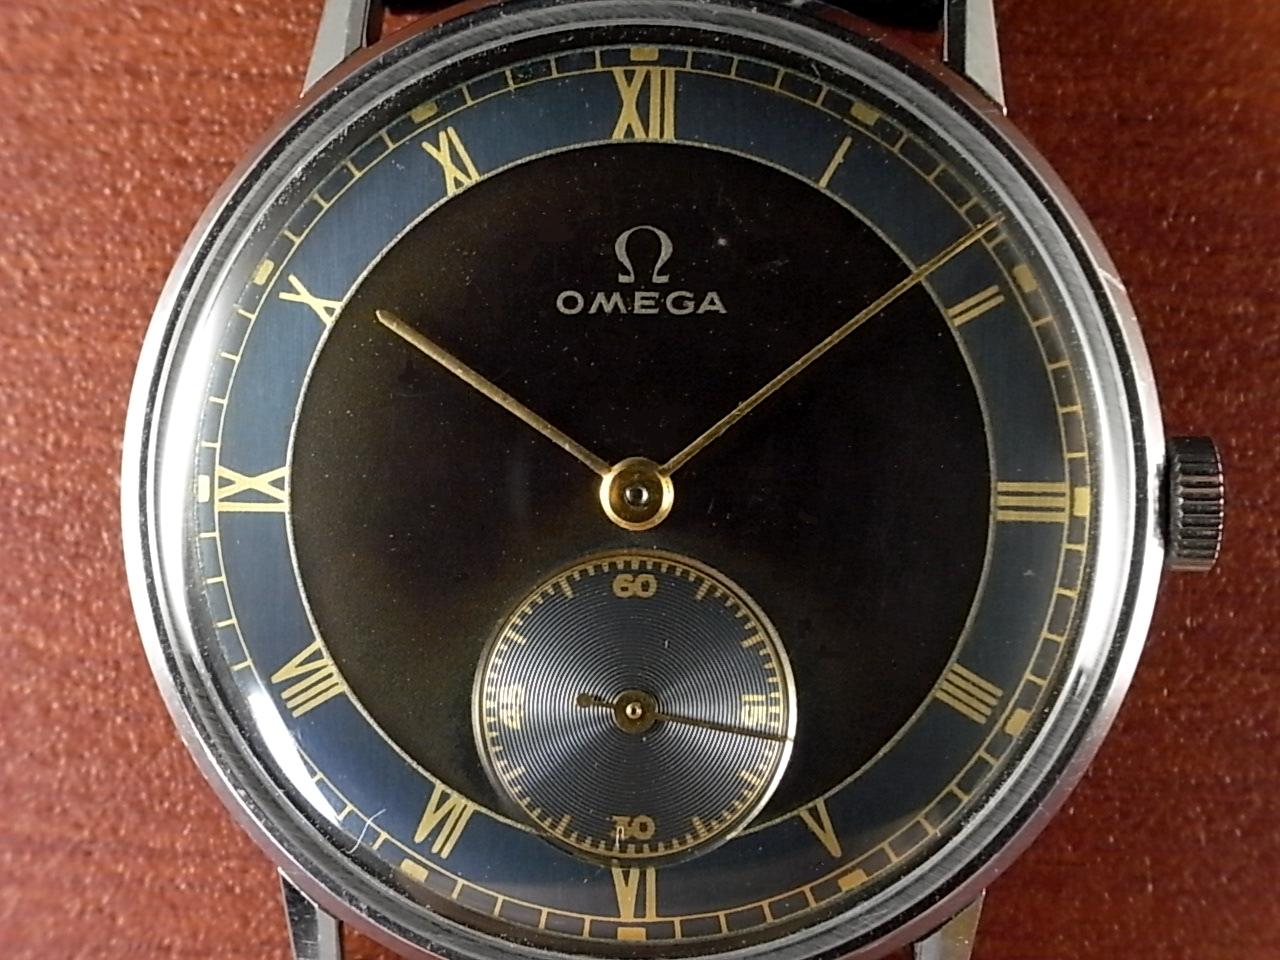 オメガ ブルー/グレー 2トーンダイアル Cal.R17.8 1940年代の写真2枚目